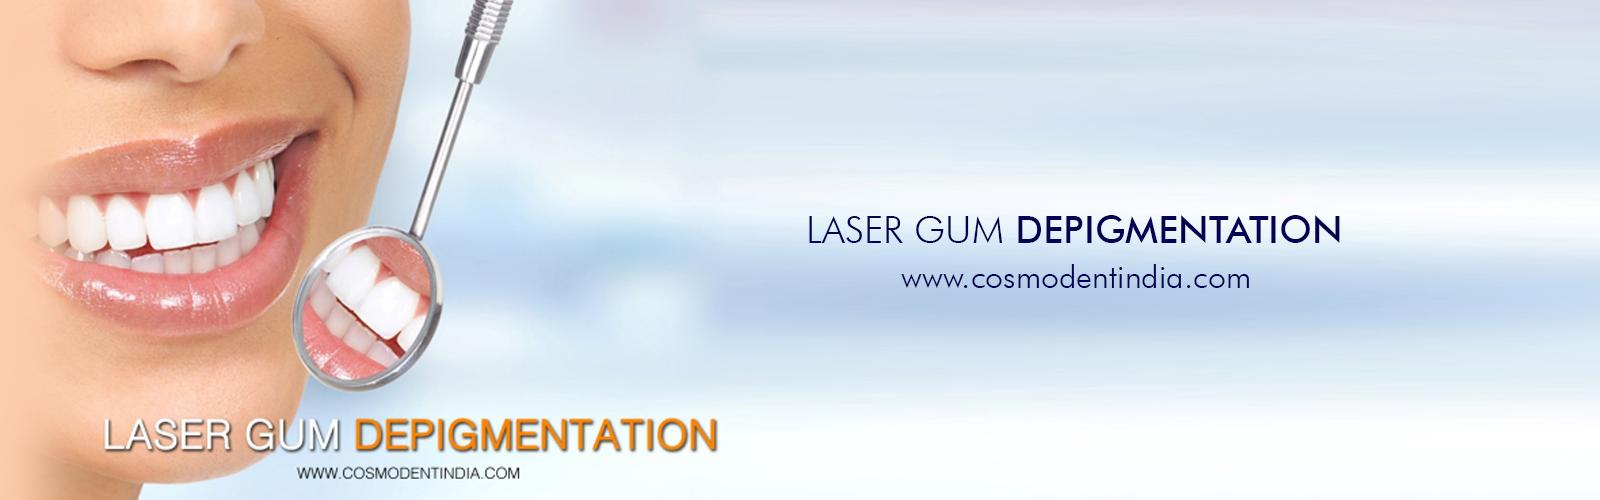 depigmentacion de goma-laser